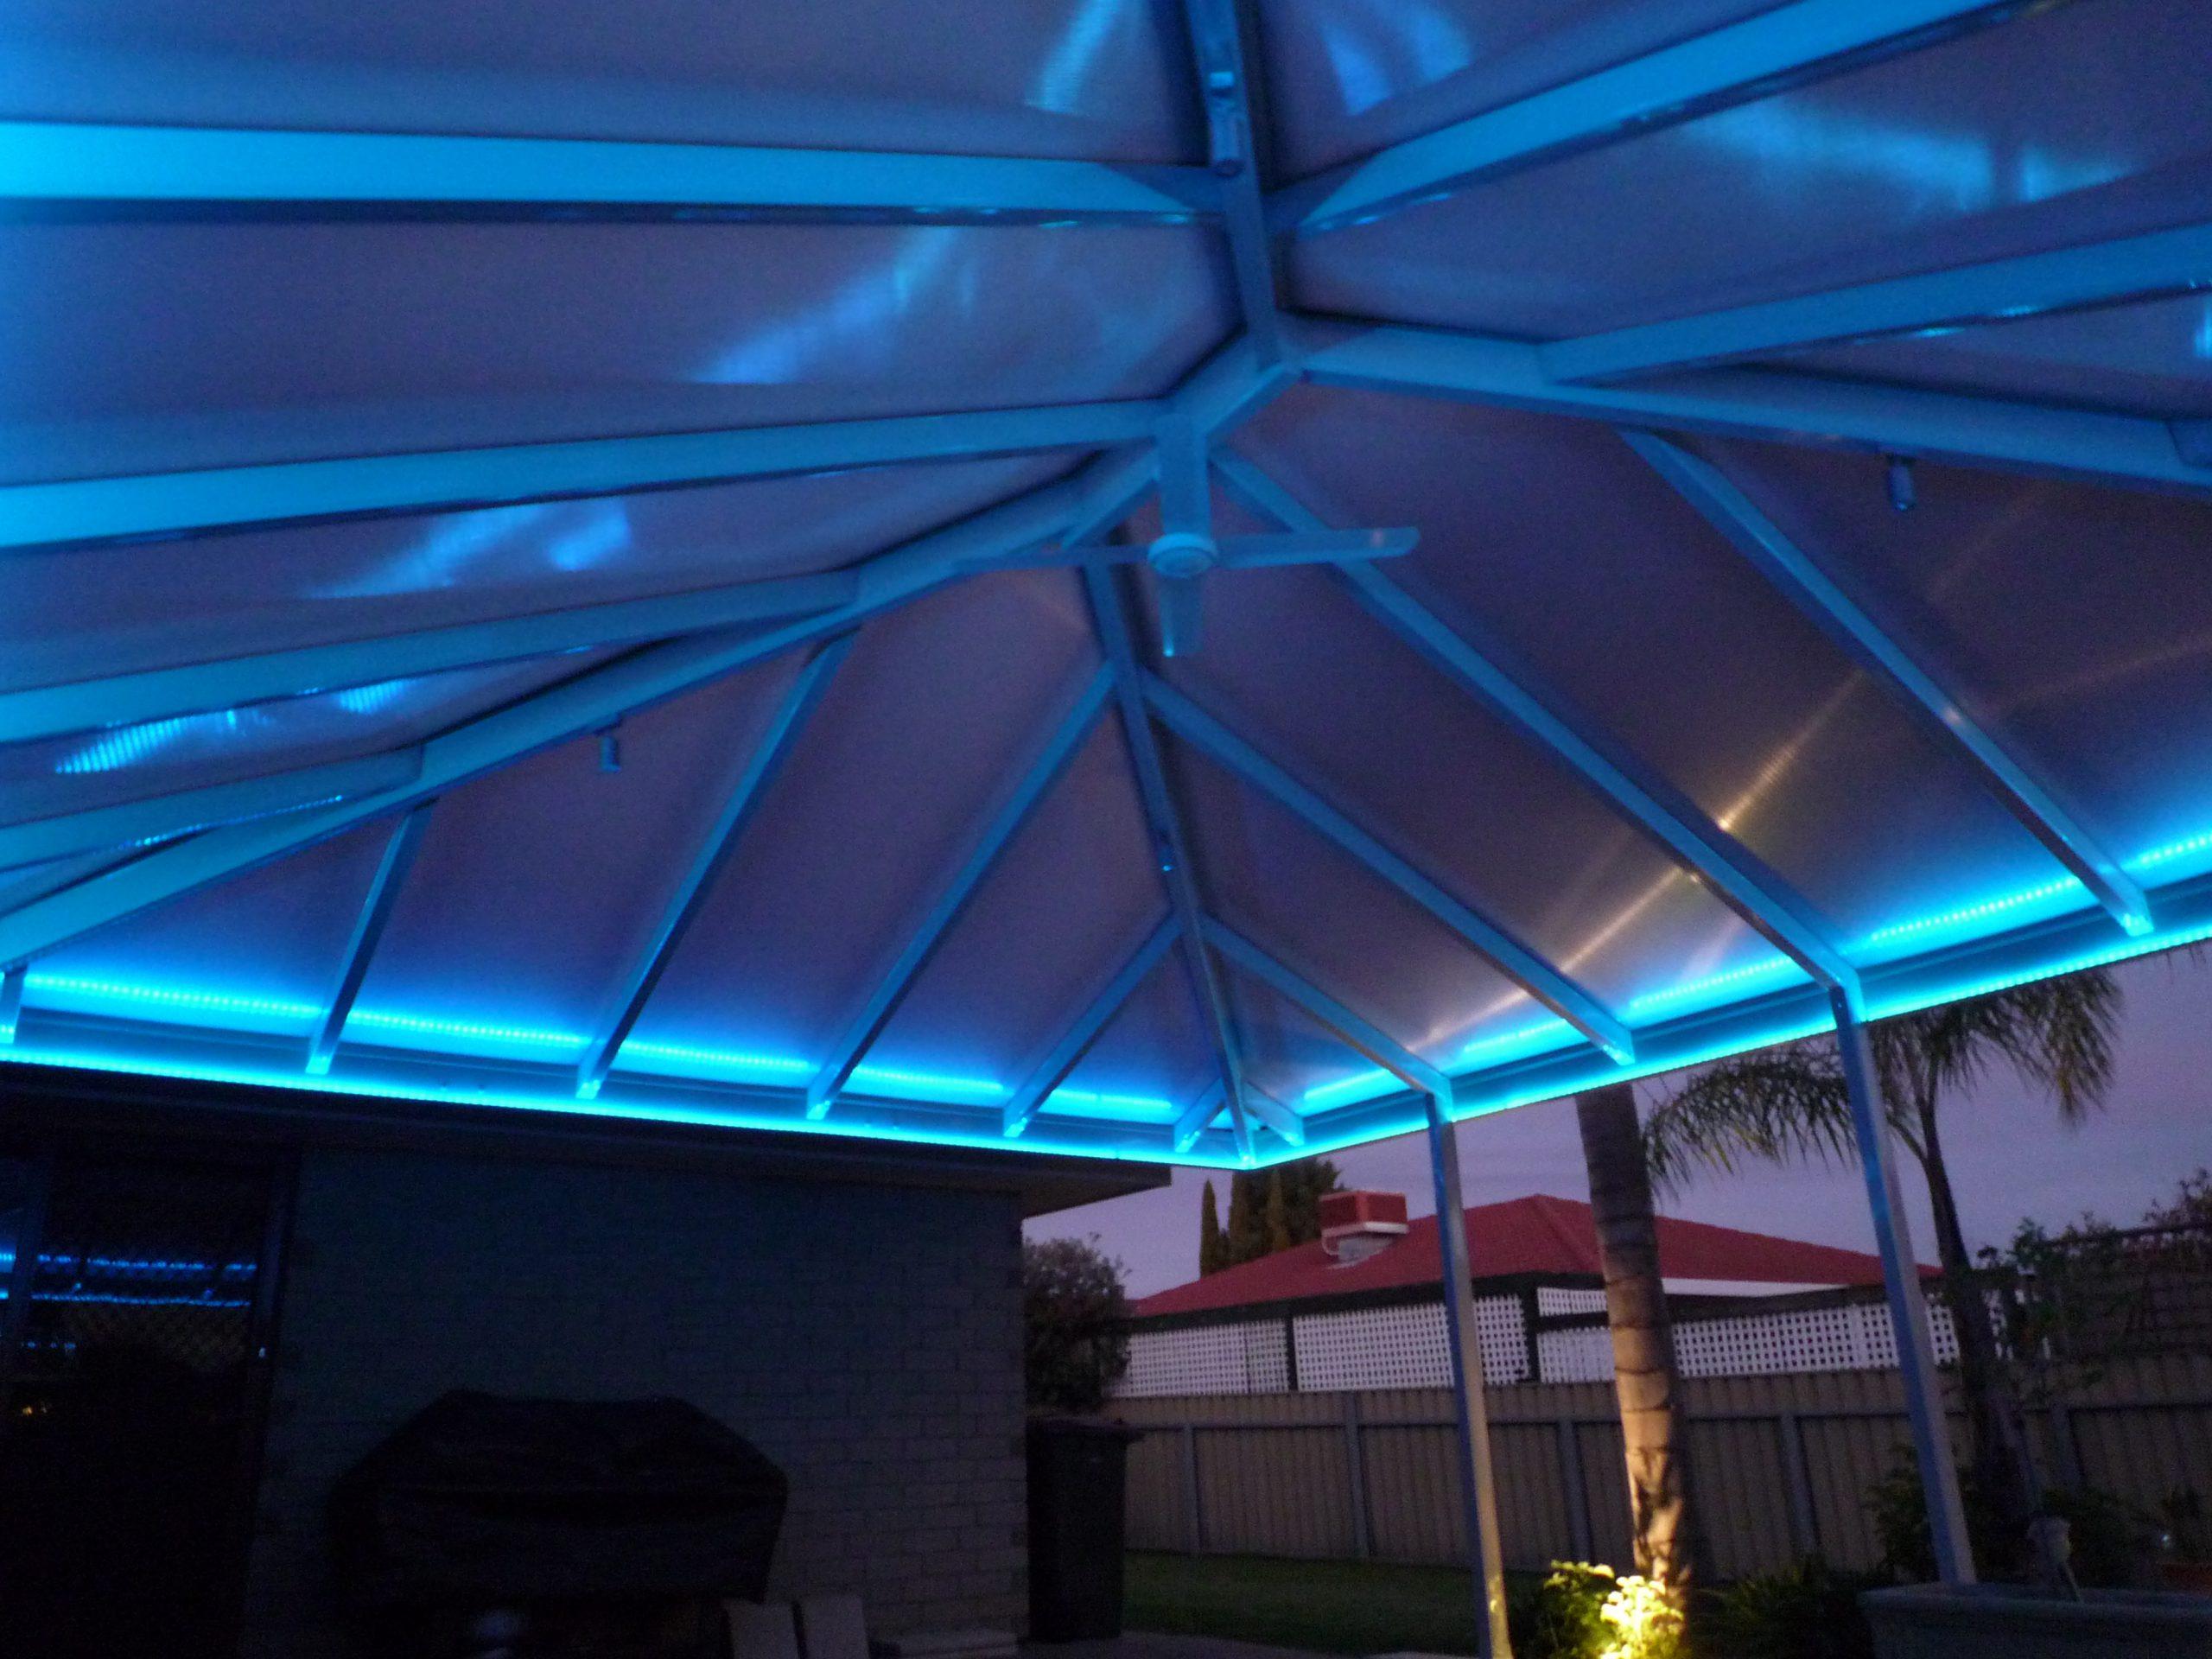 5-LED-Effect-Lighting-scaled